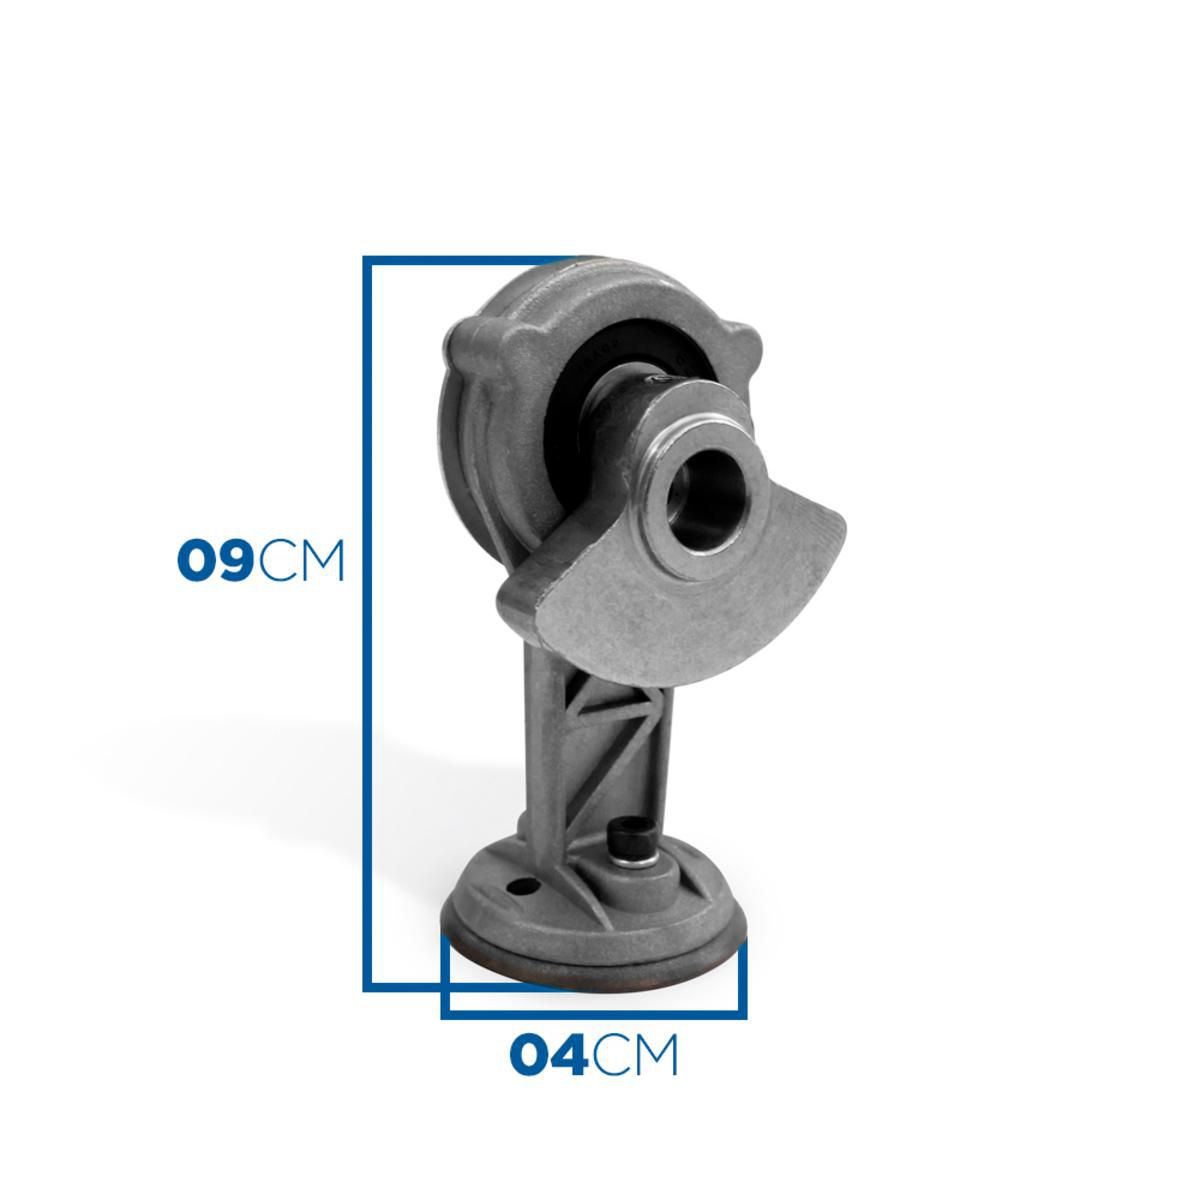 Pistão Com Virabrequim p/ Compressor de Ar 325c, 380c, 400c, 444c, 450c, 480c